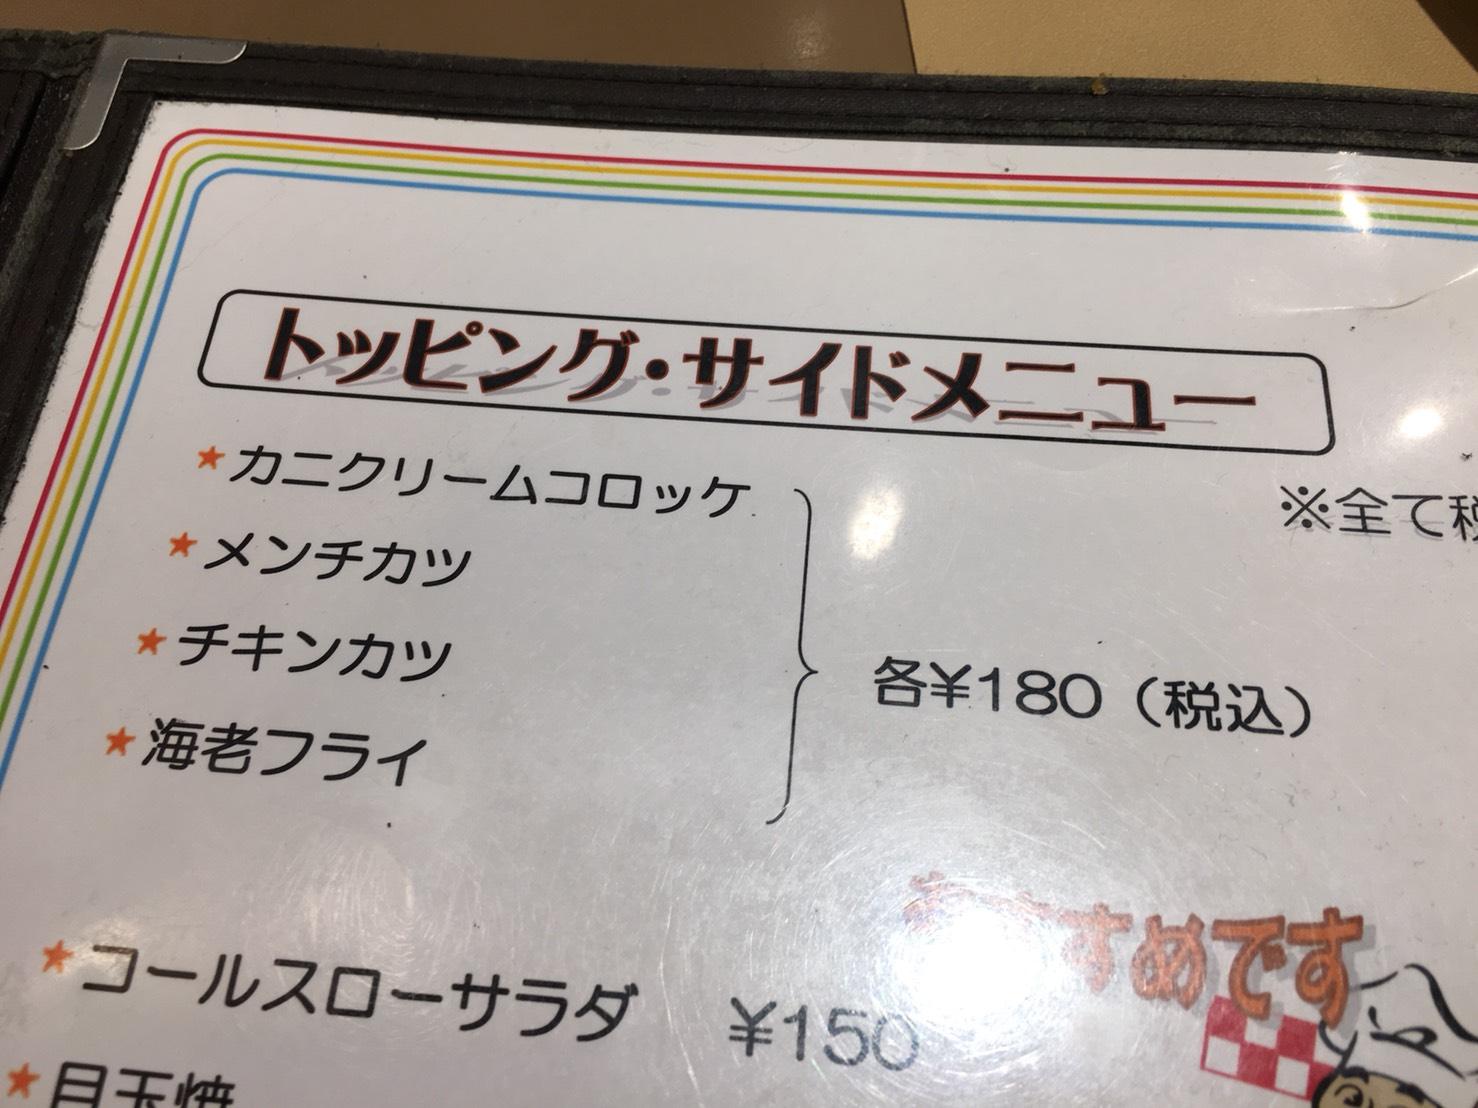 【大塚駅】安い!多い!飽きない!美味しい!「キッチンABC 南大塚店」のメニュー3